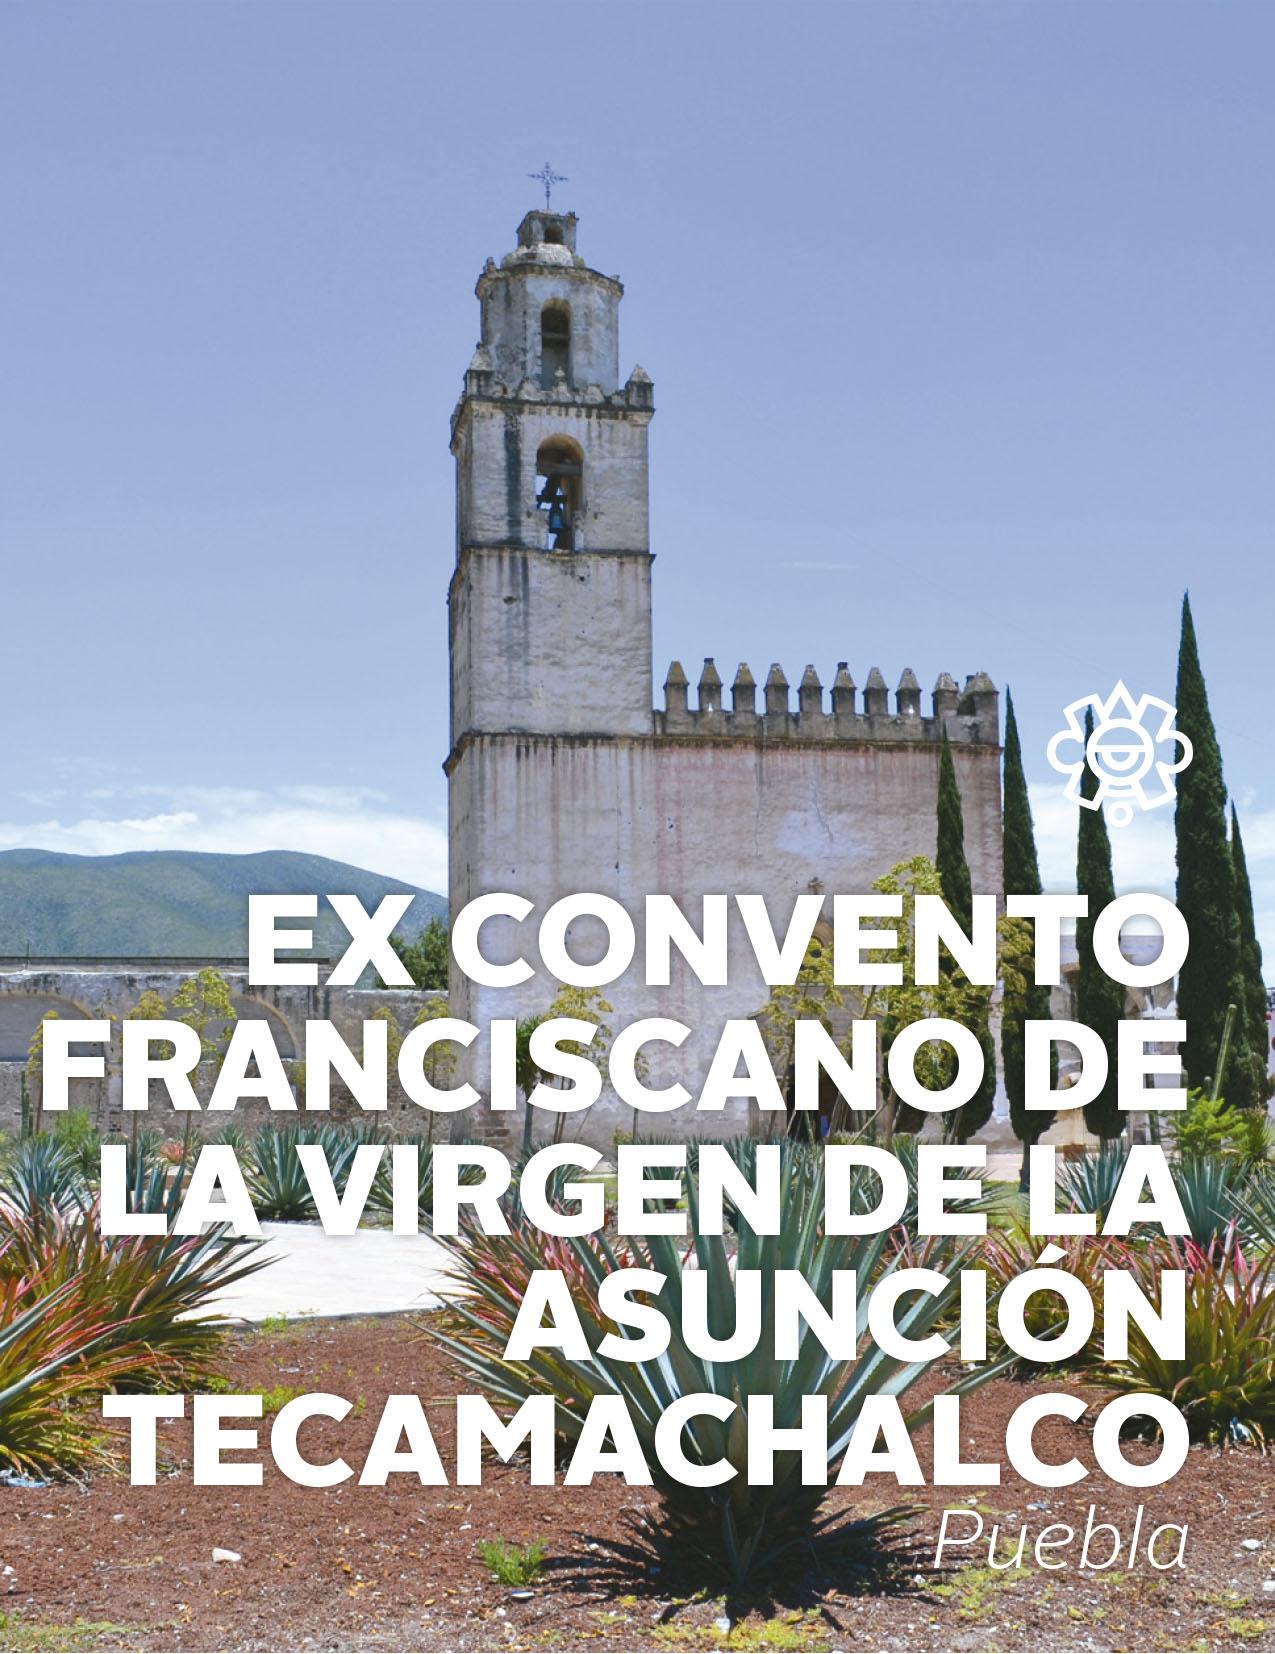 Ex Convento Franciscano de la Virgen de la Asunción Tecamachalco